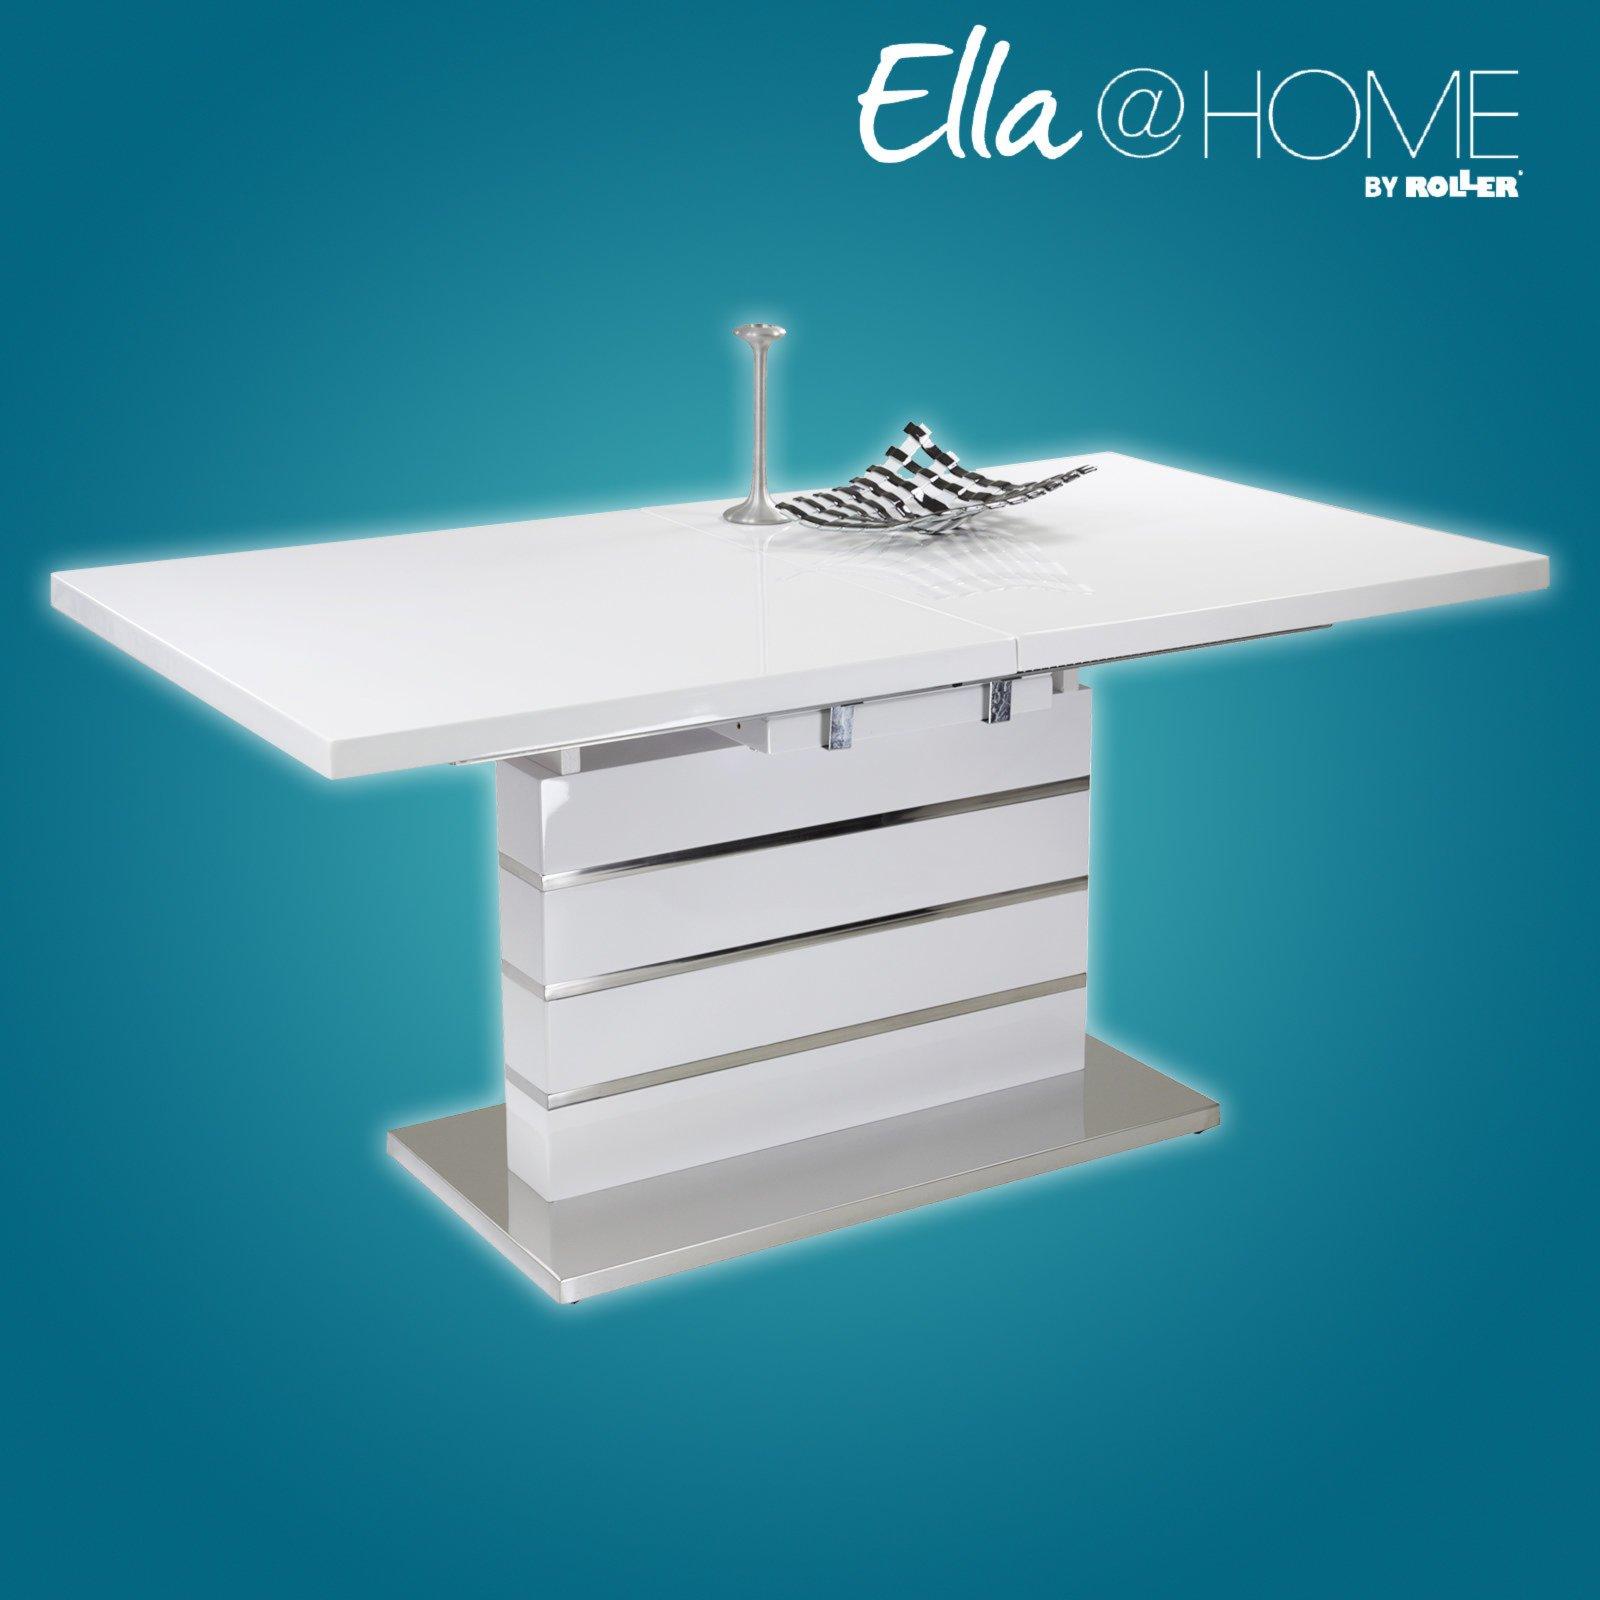 Esstisch KARLA - weiß Hochglanz - ausziehbar | eBay